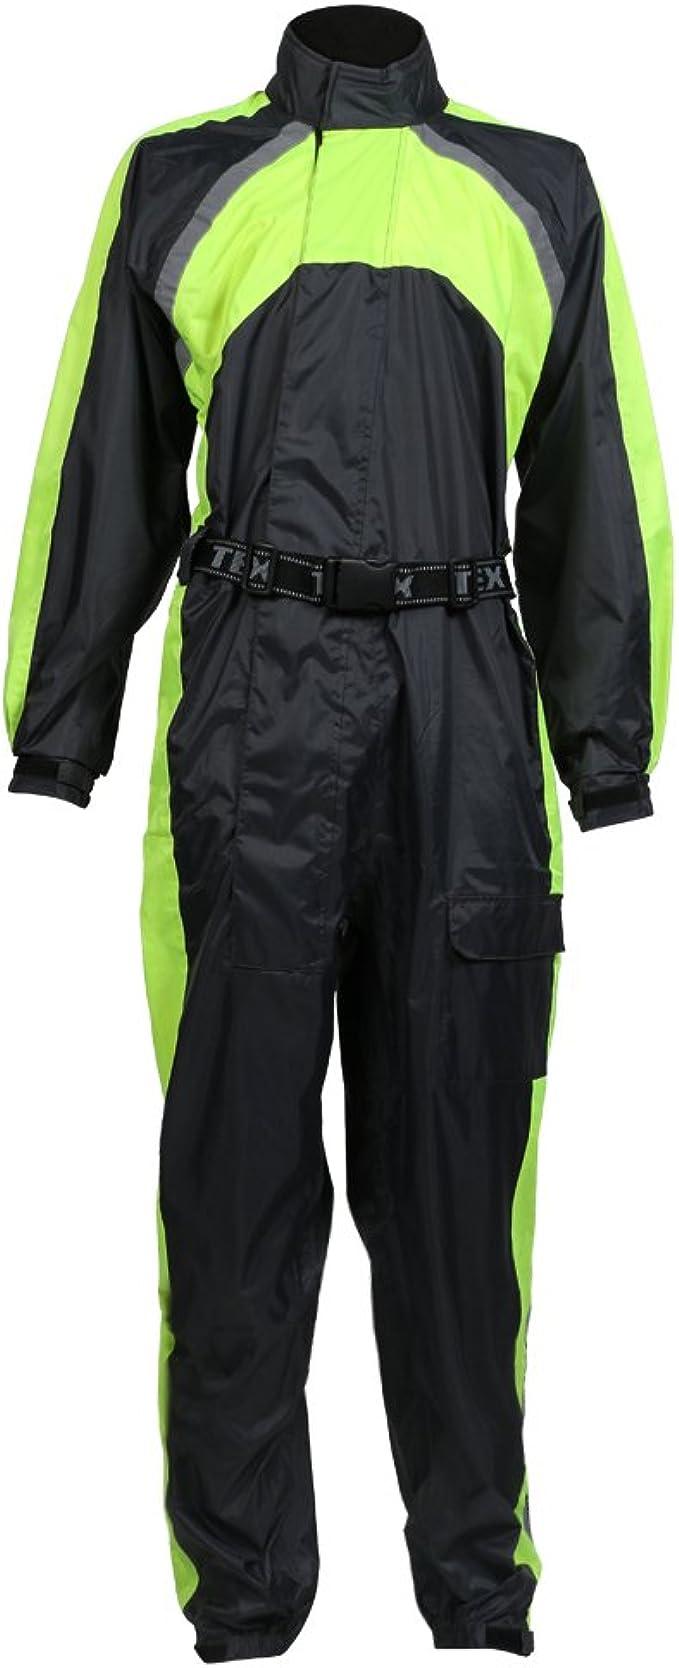 Texpeed Motorrad Regenanzug Mit Tragetasche Wasserdicht Elastisch Schwarz Warnfarbe Bekleidung